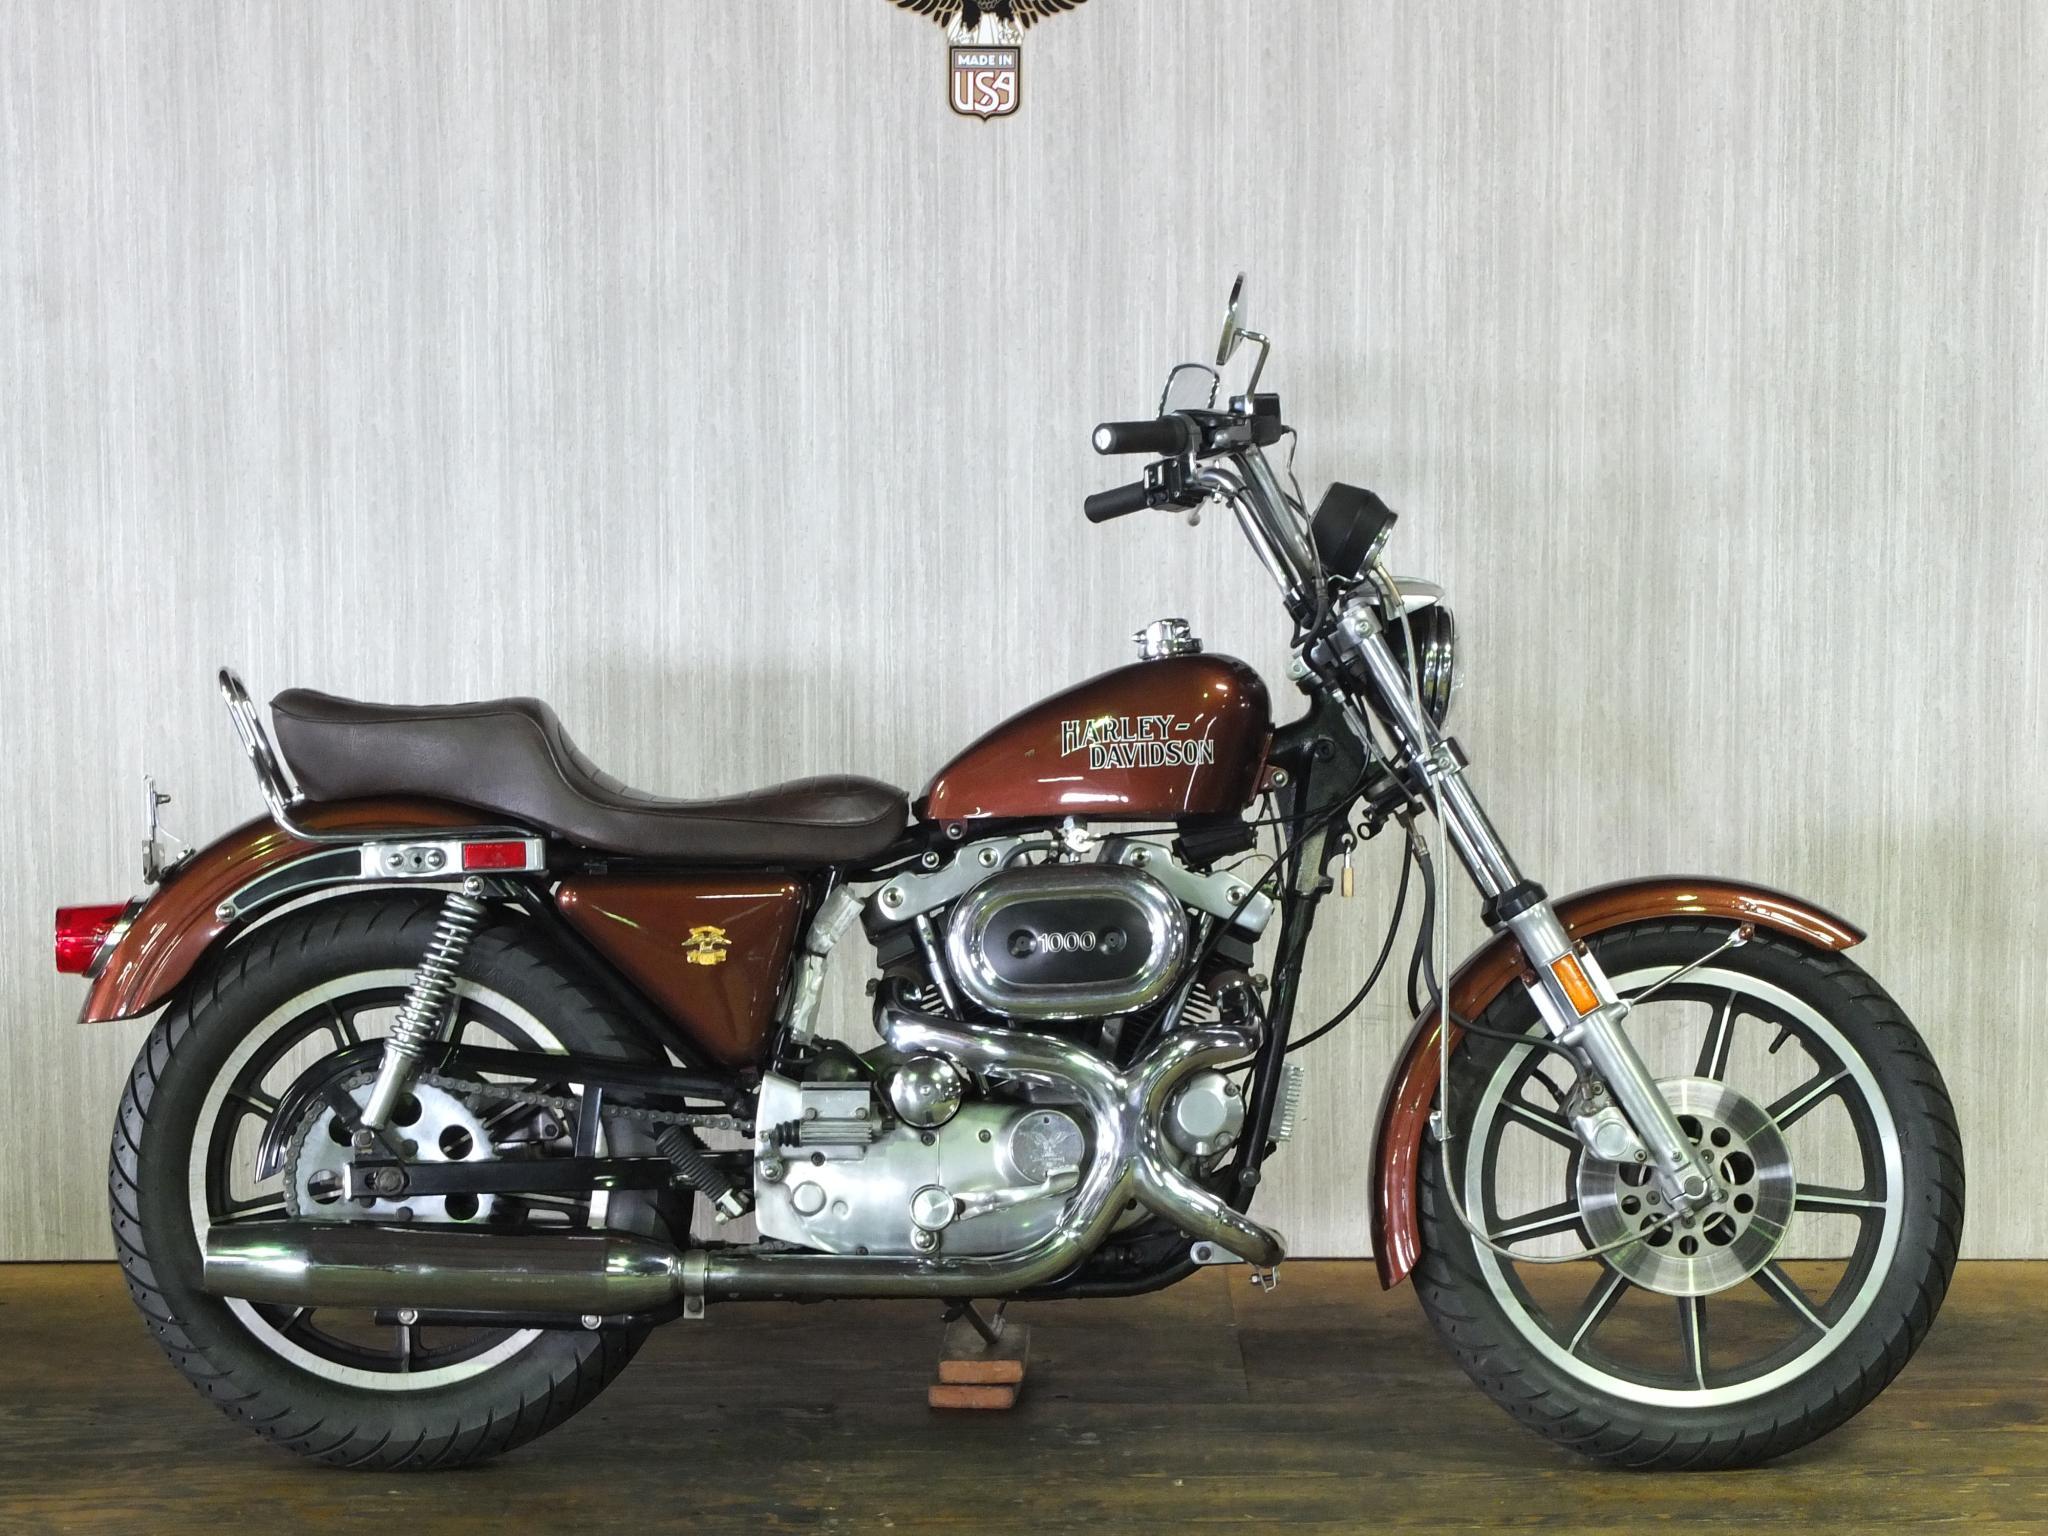 ハーレーダビッドソン 1979 XLH 1000 車体写真1